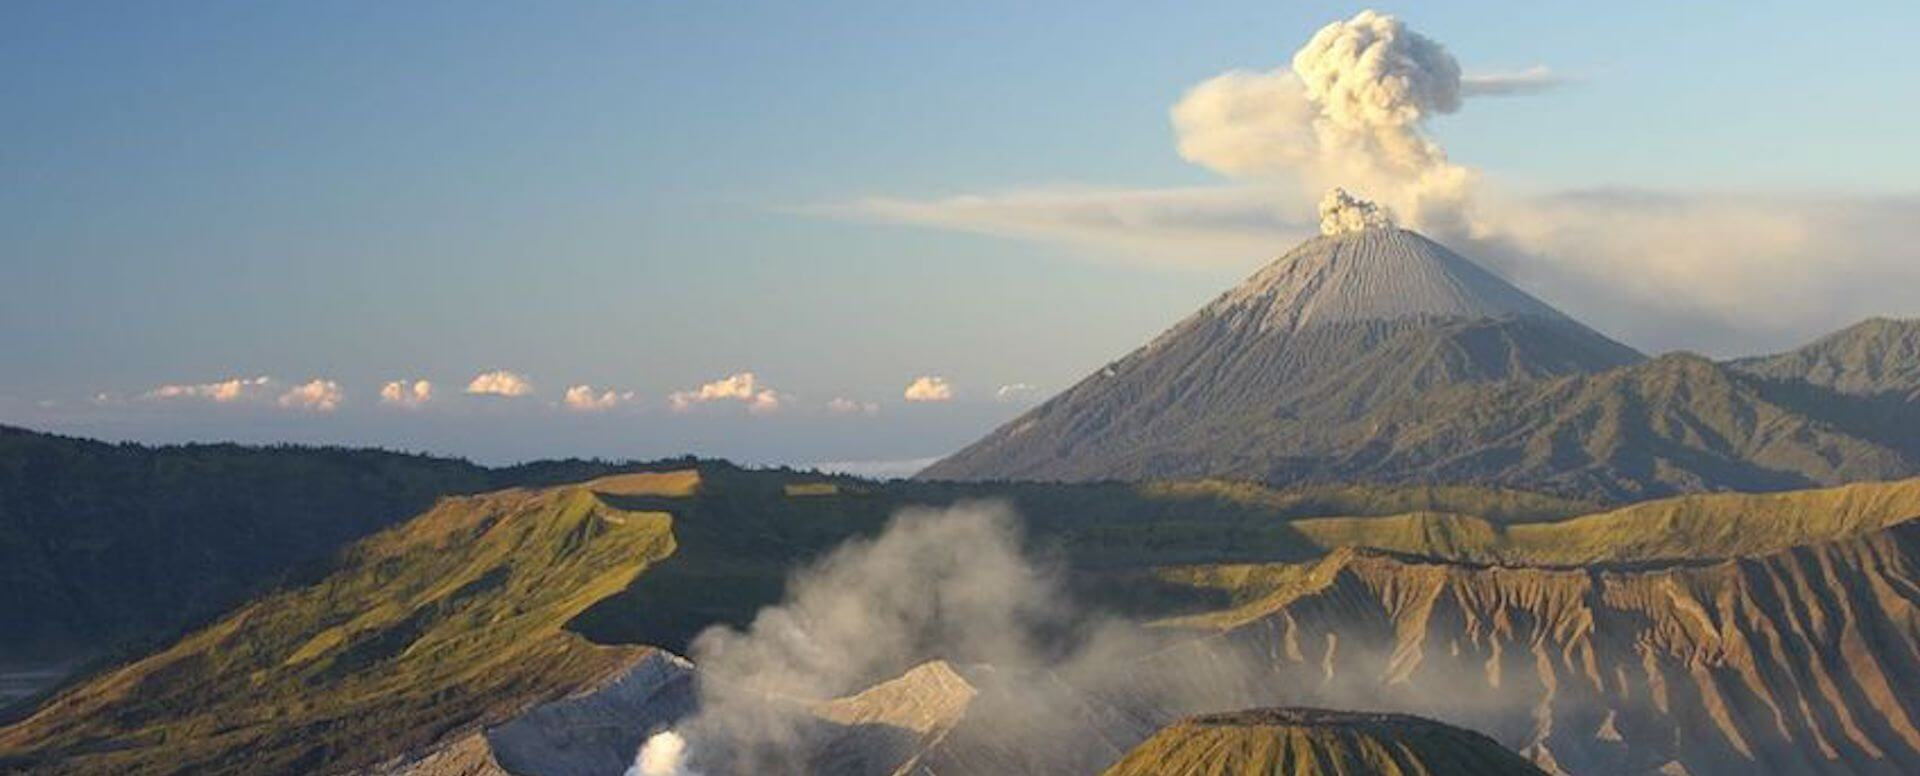 Majestic volcanoes - Indonesia